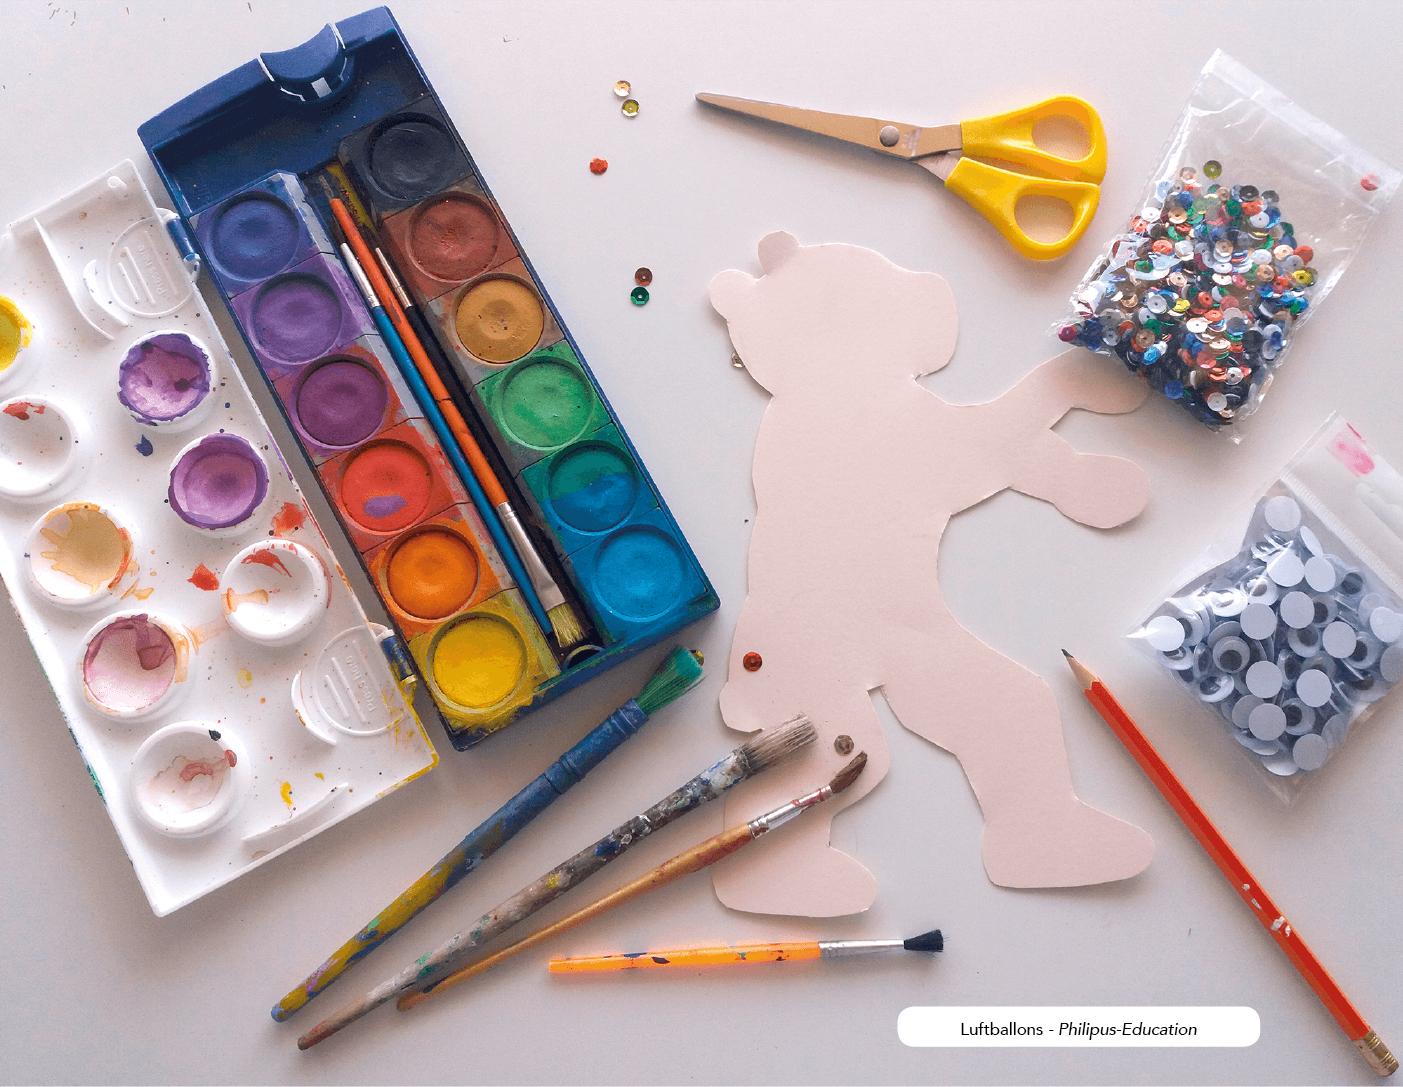 Materialien zur Gestaltung des Bärs: Wasserfarben, Wackelaugen, Pailletten - der Fantasie sind keine Grenzen gesetzt!